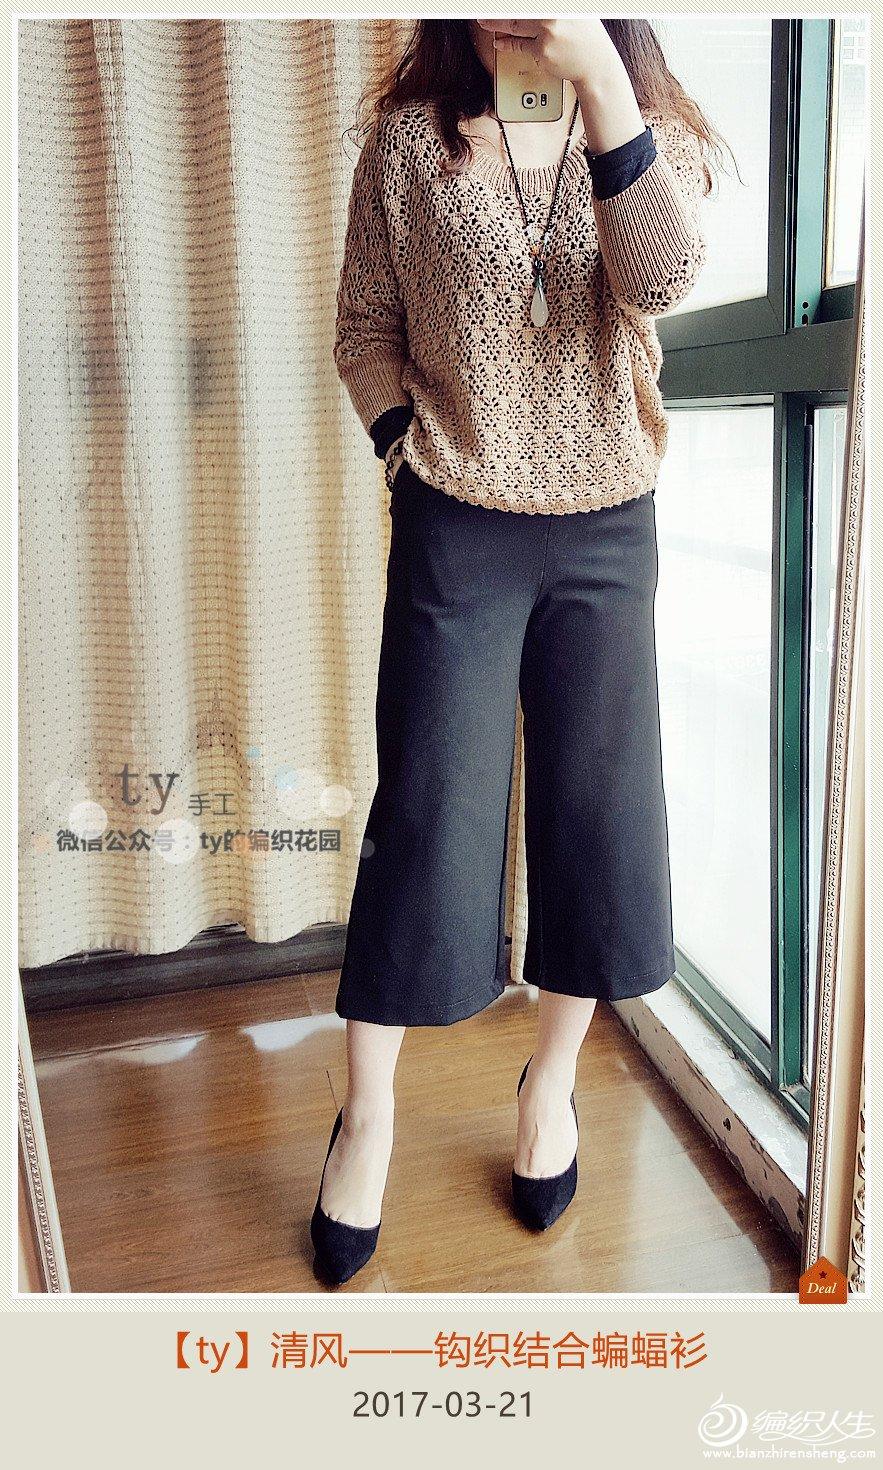 女士毛衣款式图_羊毛羊绒女士钩织结合春秋蝙蝠衫-编织教程-编织人生